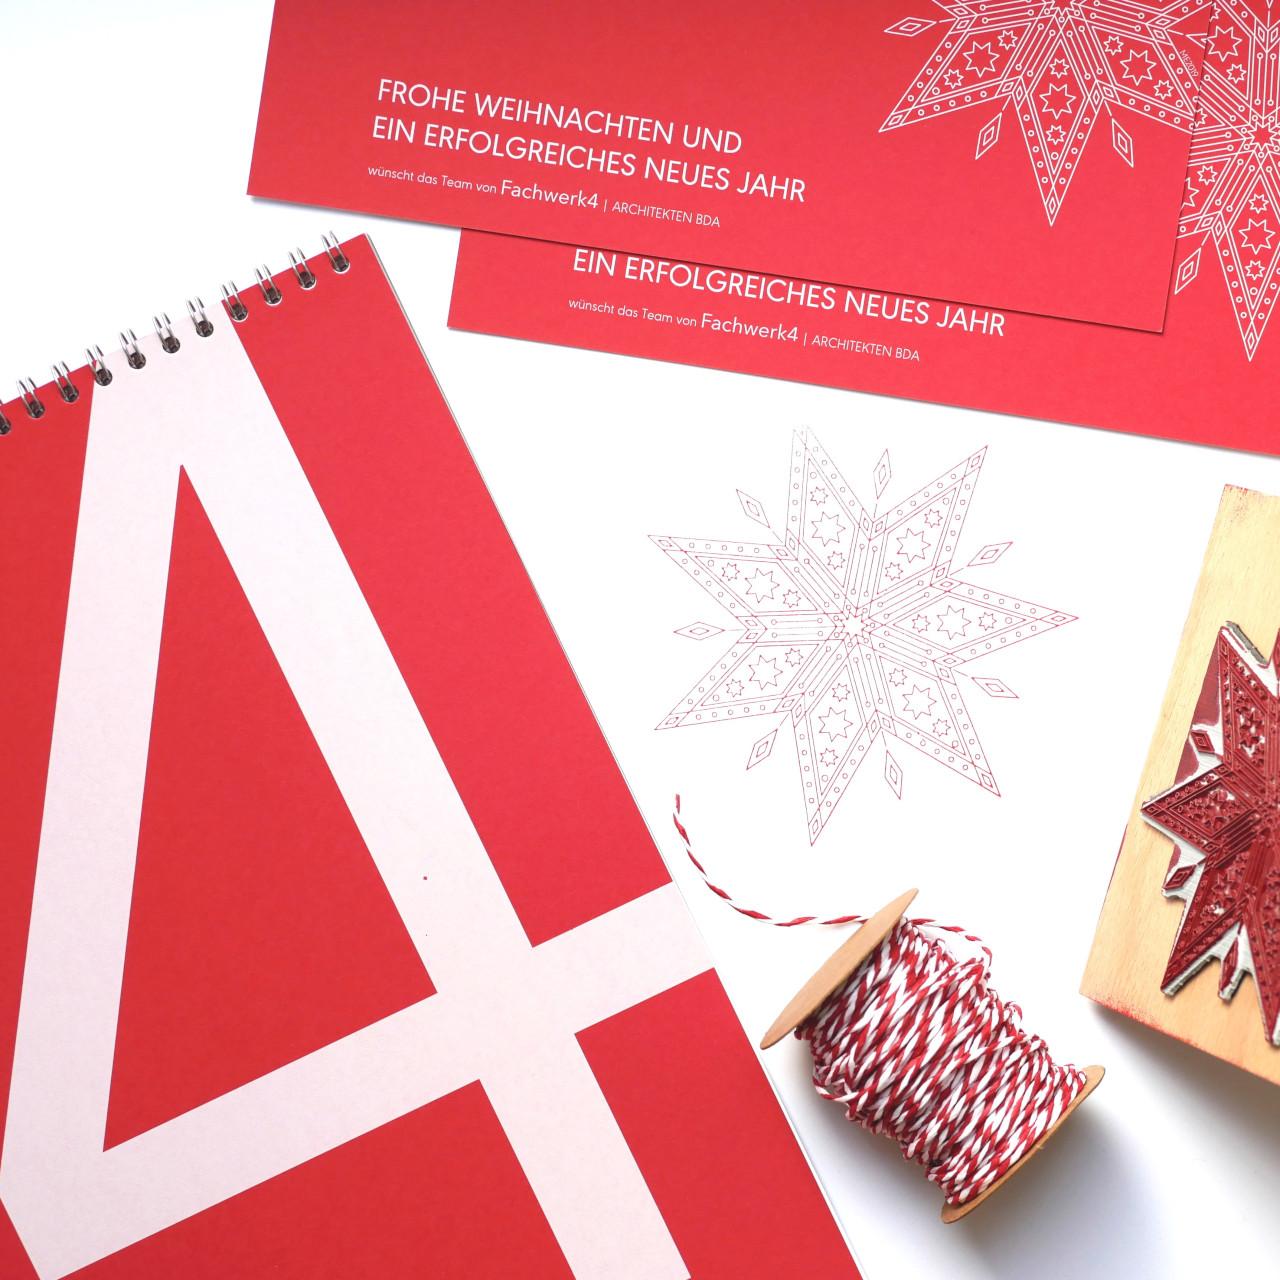 Frohe Weihnachten wünschen Fachwerk4 | Architekten BDA in Wirges bei Montabaur (Rheinland Pfalz), Elegante und moderne Architektur; Foto: © Merja Eckinger, Fachwerk4 | Architekten BDA